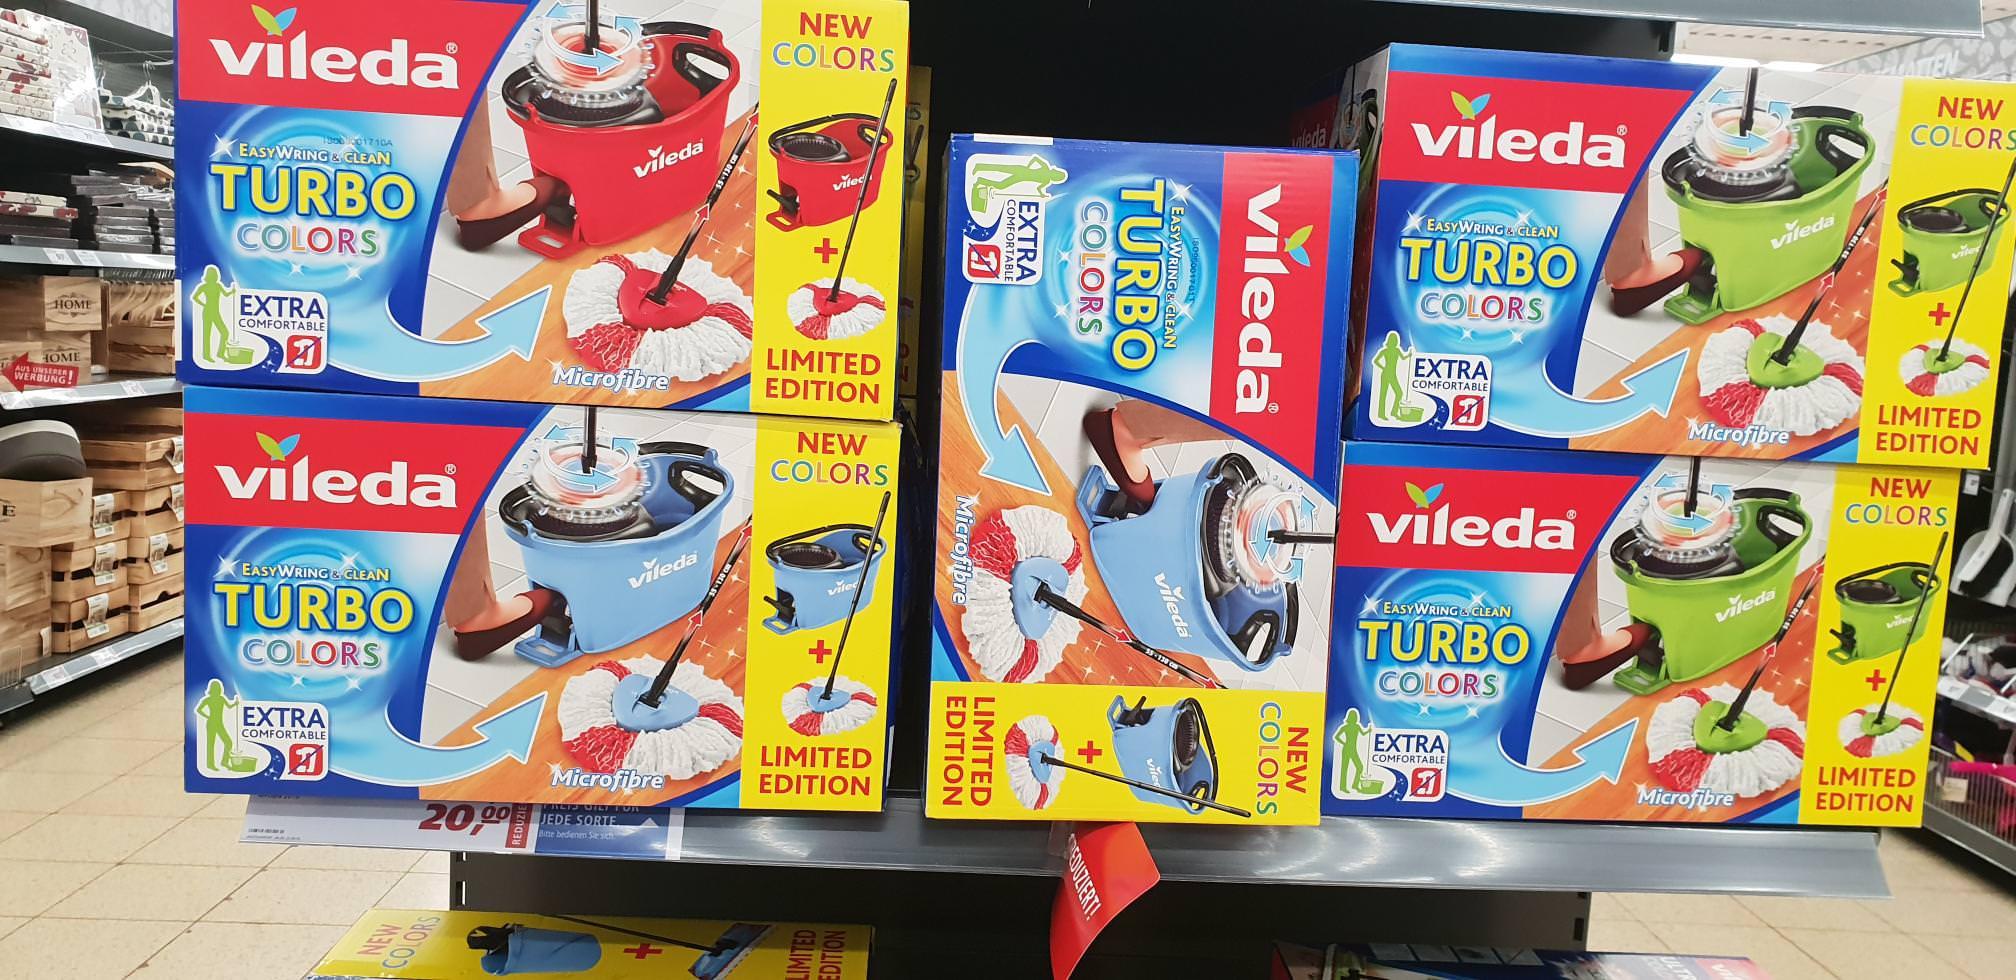 [Nur Darmstadt?] Vileda Turbo Colors für 20€ (+ 5€ Cashback) oder Vileda Ultramat 2in1 für 15€ (+ 5€ Cashback) [REAL]